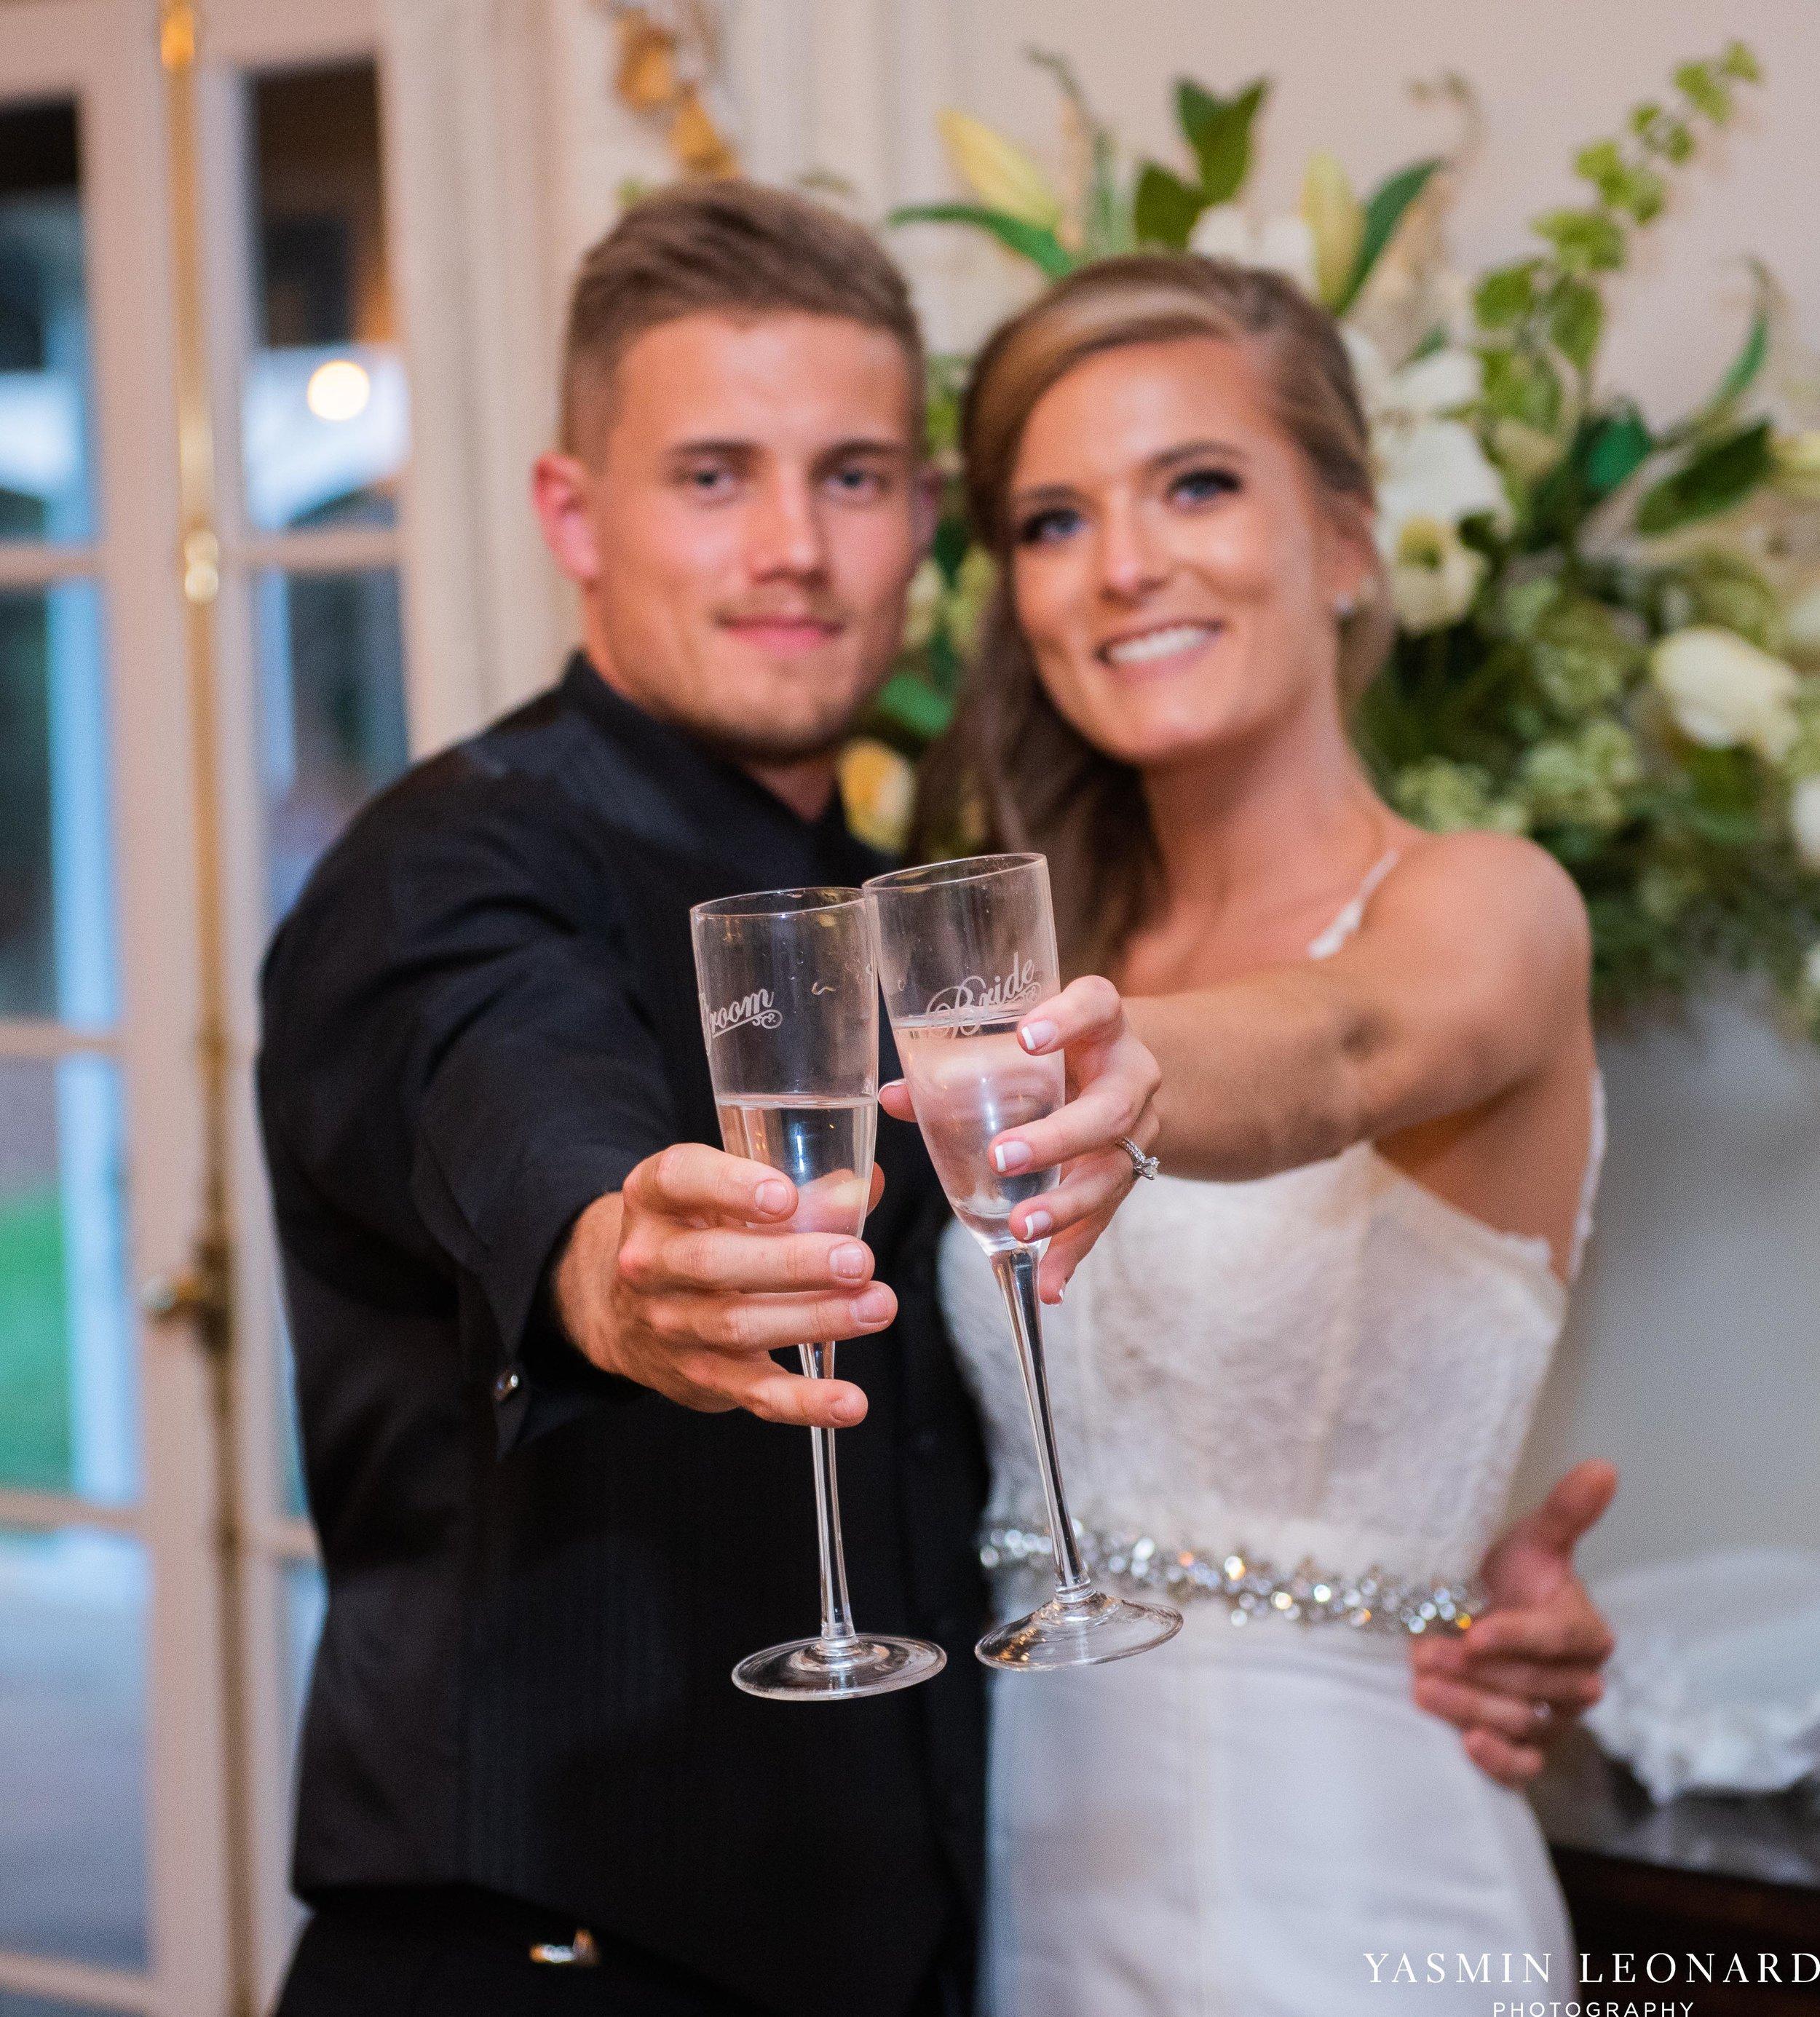 Boxwood Estate - Boxwood Estate Wedding - Luxury Wedding - Black and White Wedding - NC Wedding Venues - NC Weddings - NC Photographer - Lantern Release Grand Exit - Large Wedding Party - Yasmin Leonard Photography-70.jpg